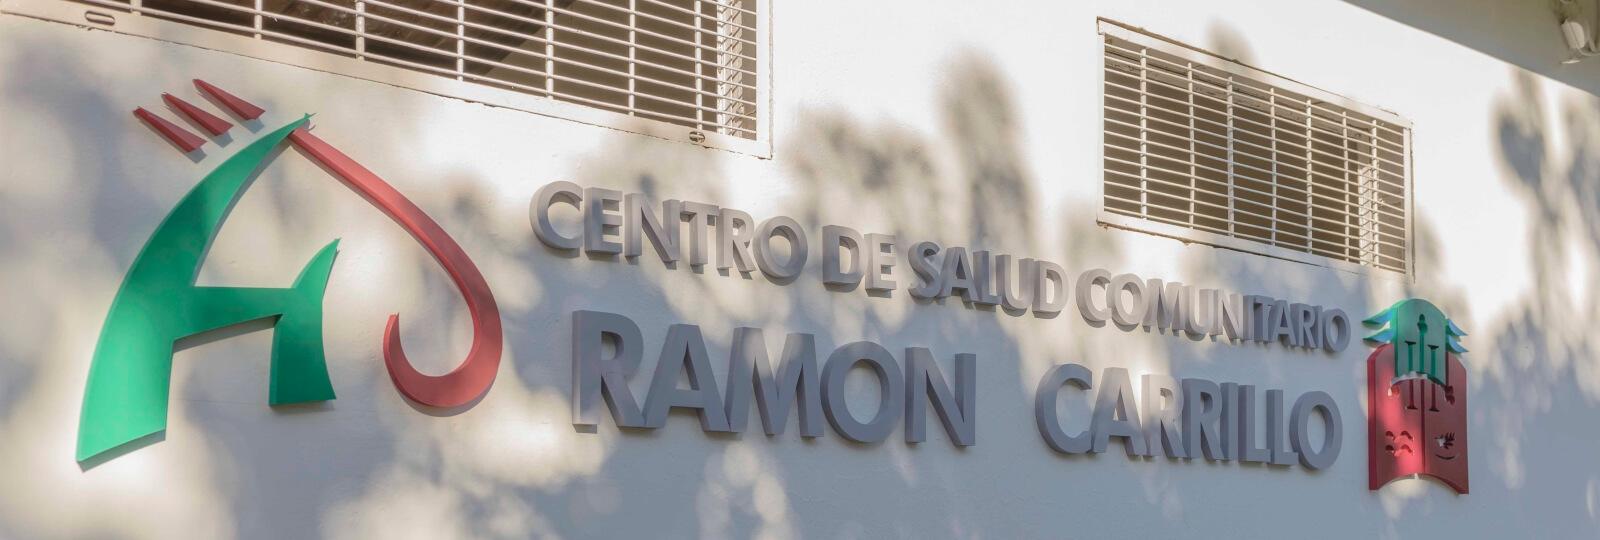 Salud - Municipio de Hurlingham - Municipalidad - Centro de salud Ramón Carrillo nueva